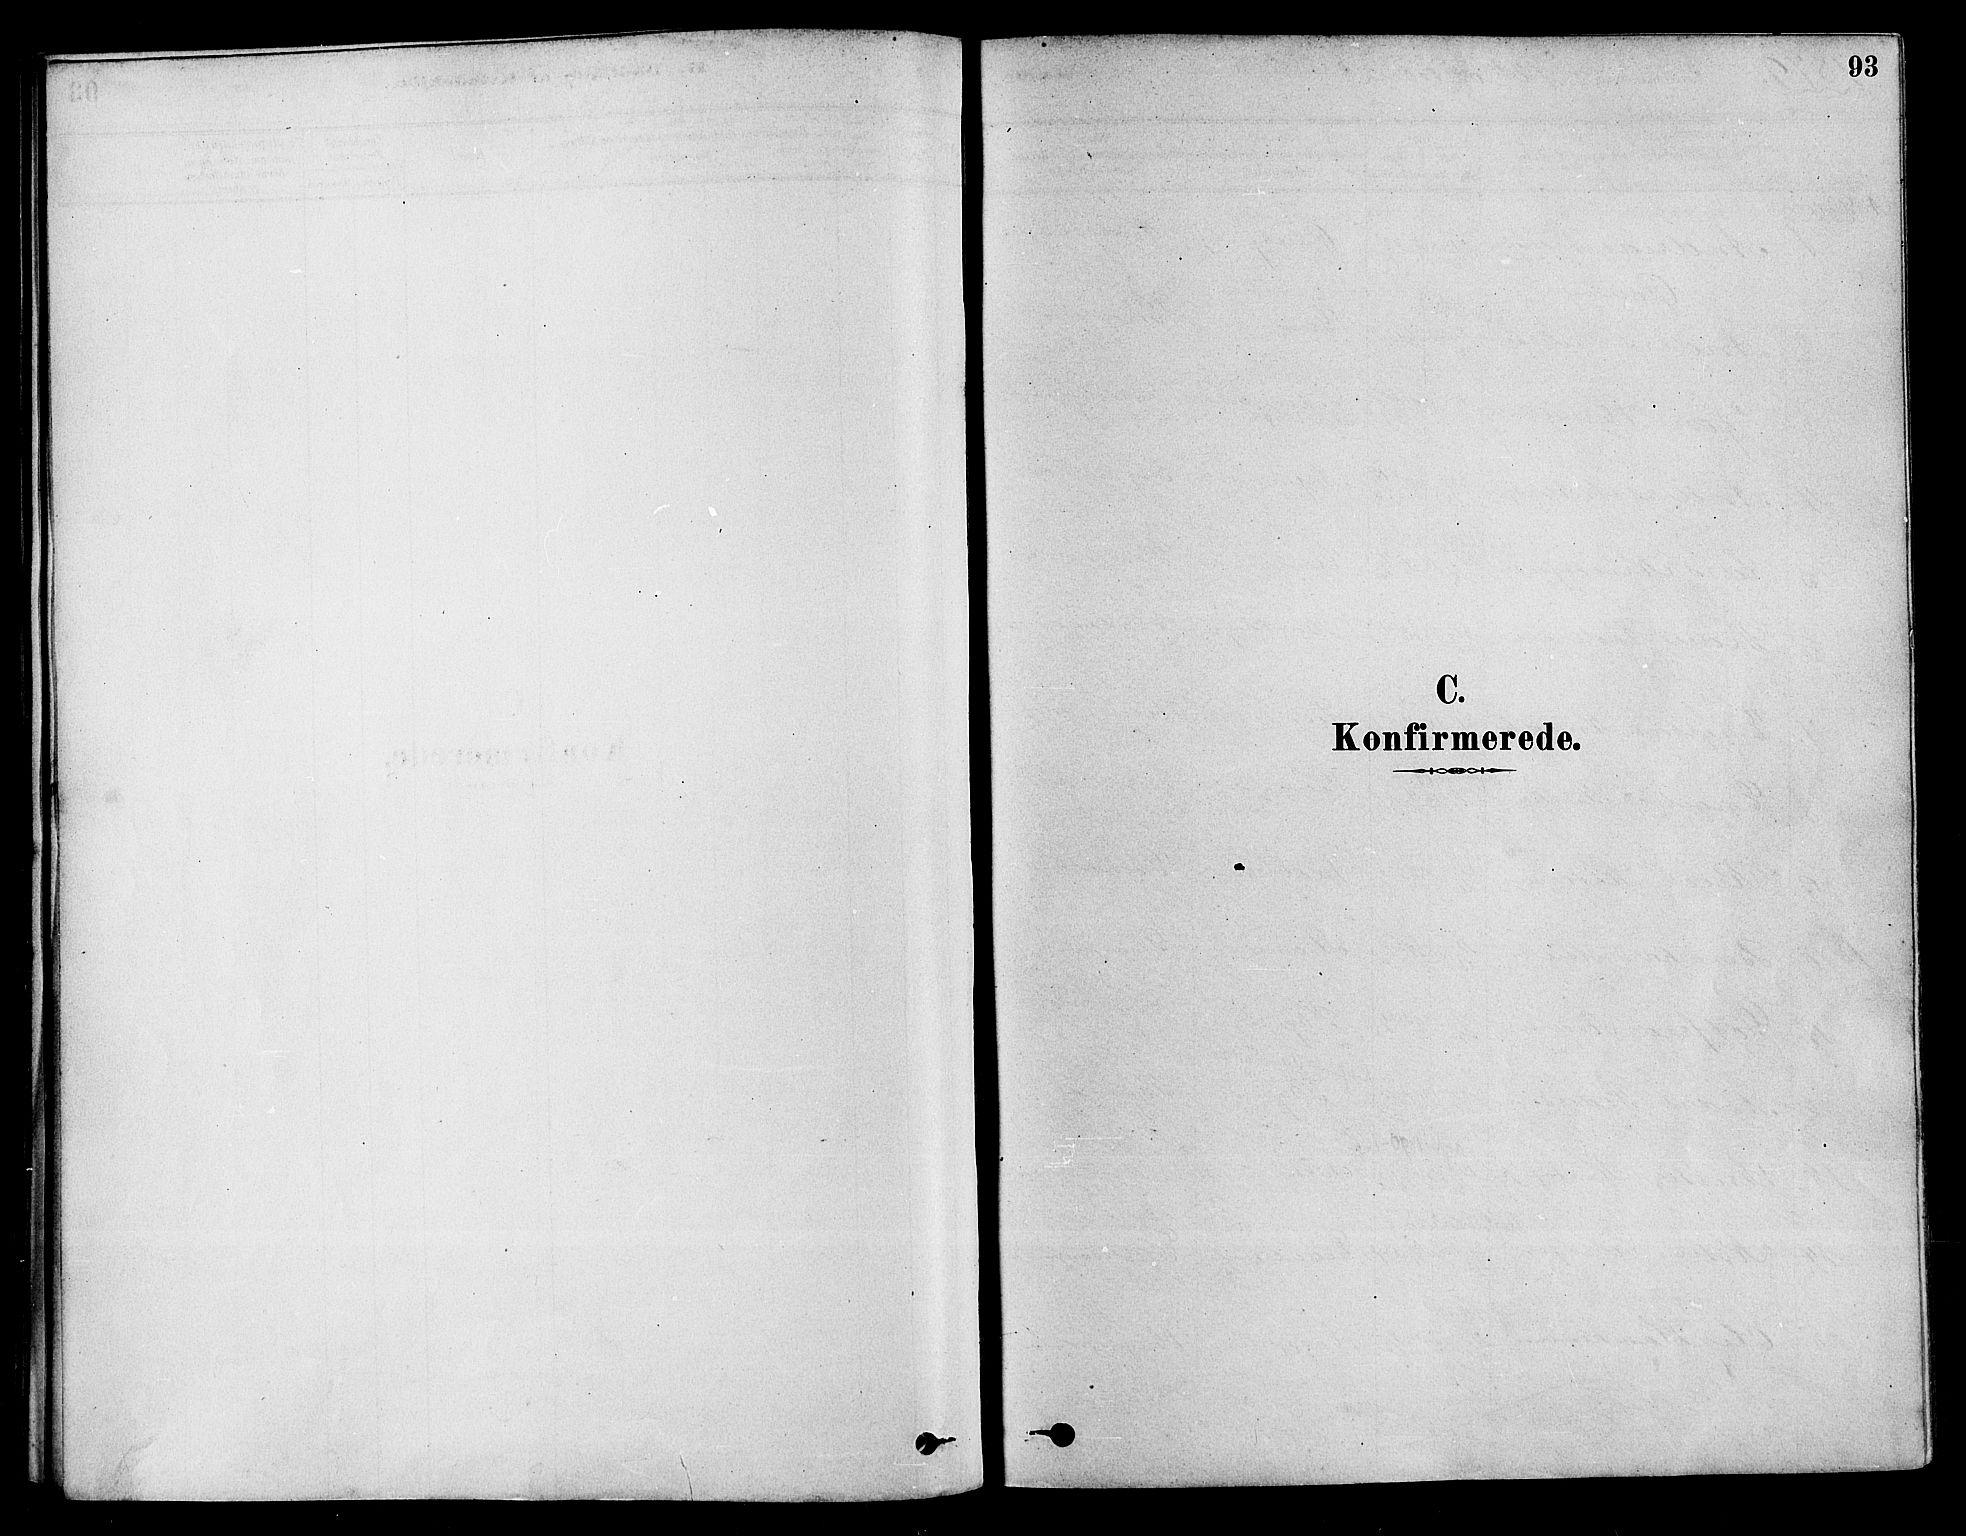 SAKO, Sigdal kirkebøker, F/Fa/L0011: Ministerialbok nr. I 11, 1879-1887, s. 93